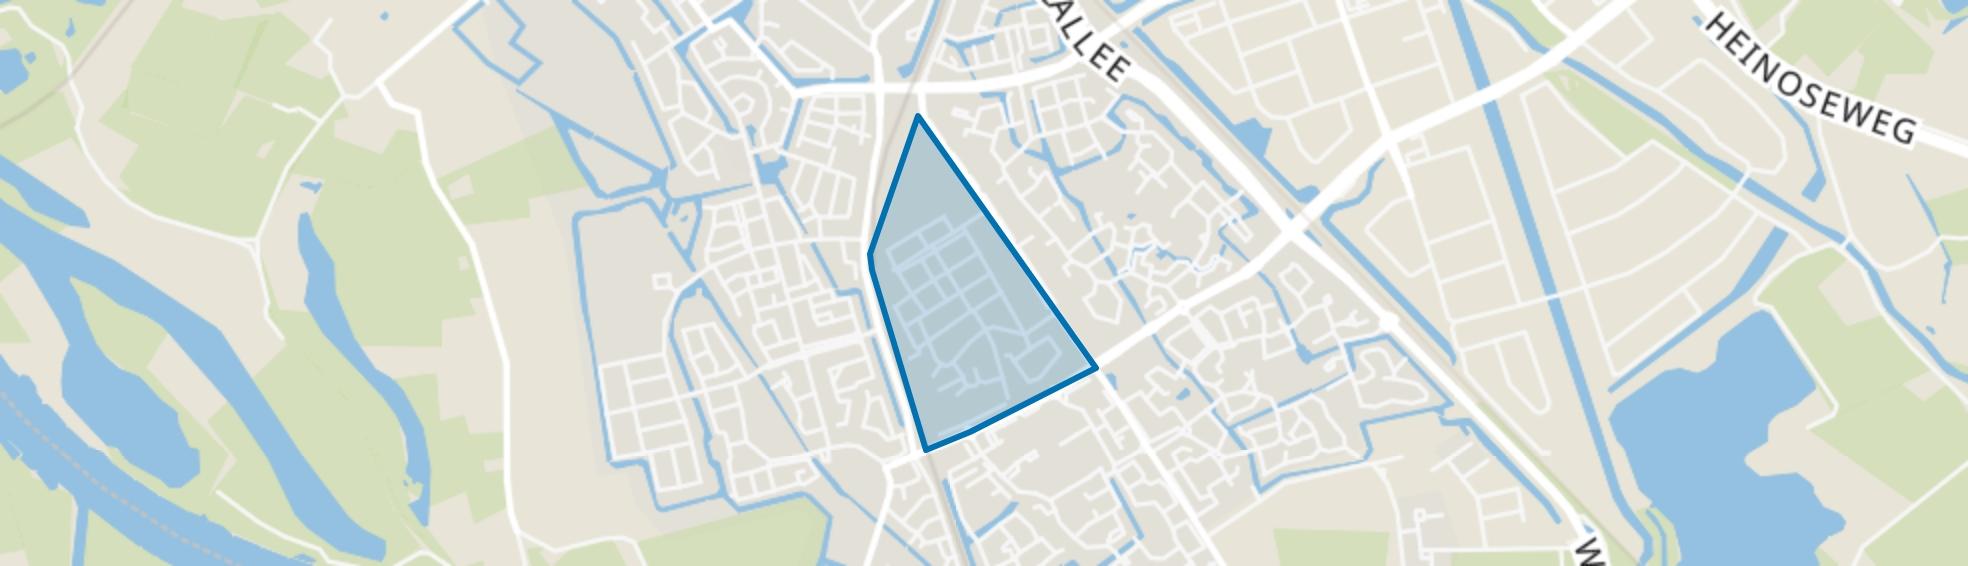 Oud-Ittersum, Zwolle map